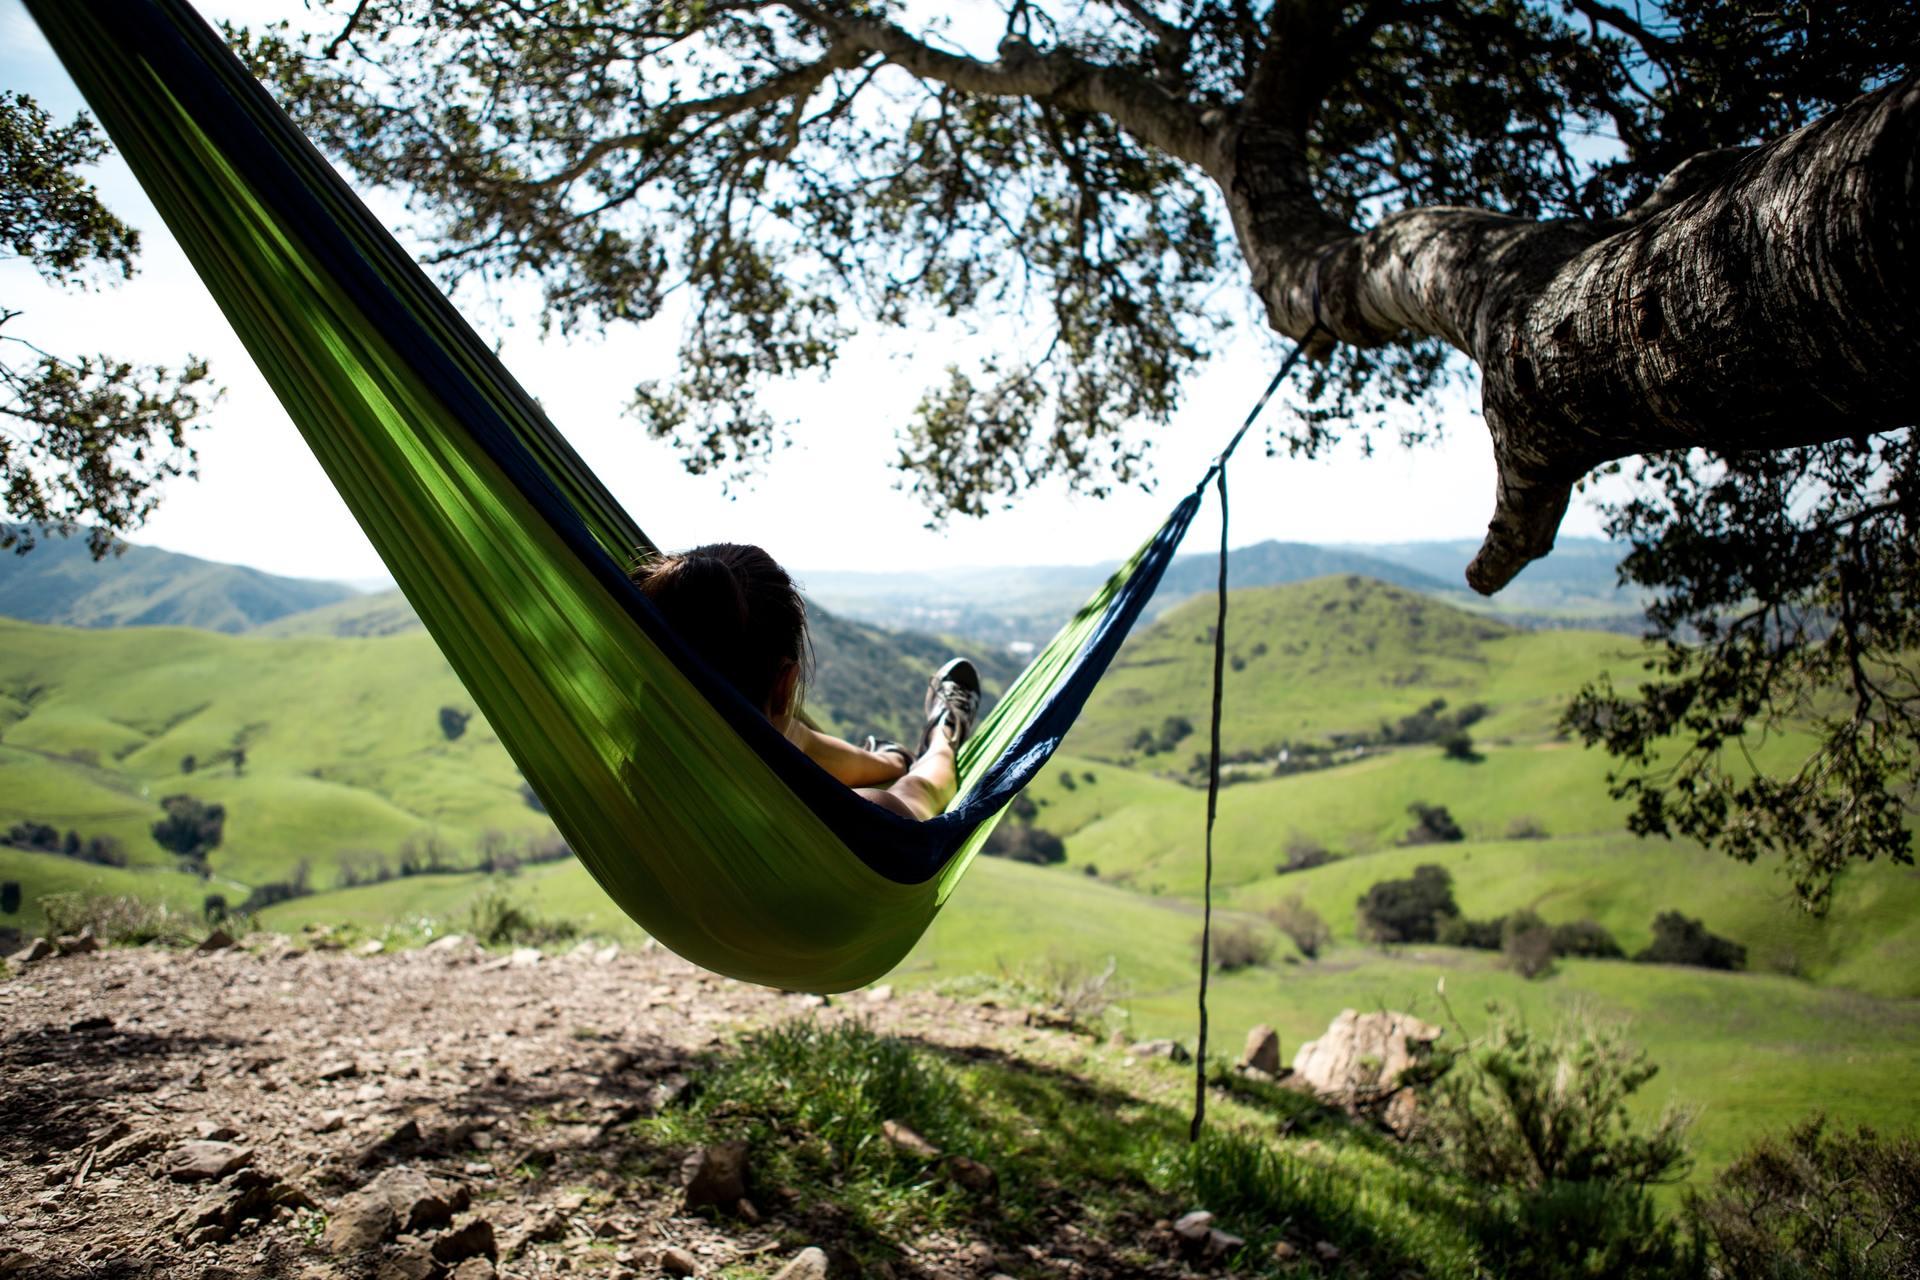 Heerlijk relaxen in de hangmat met mooi uitzicht